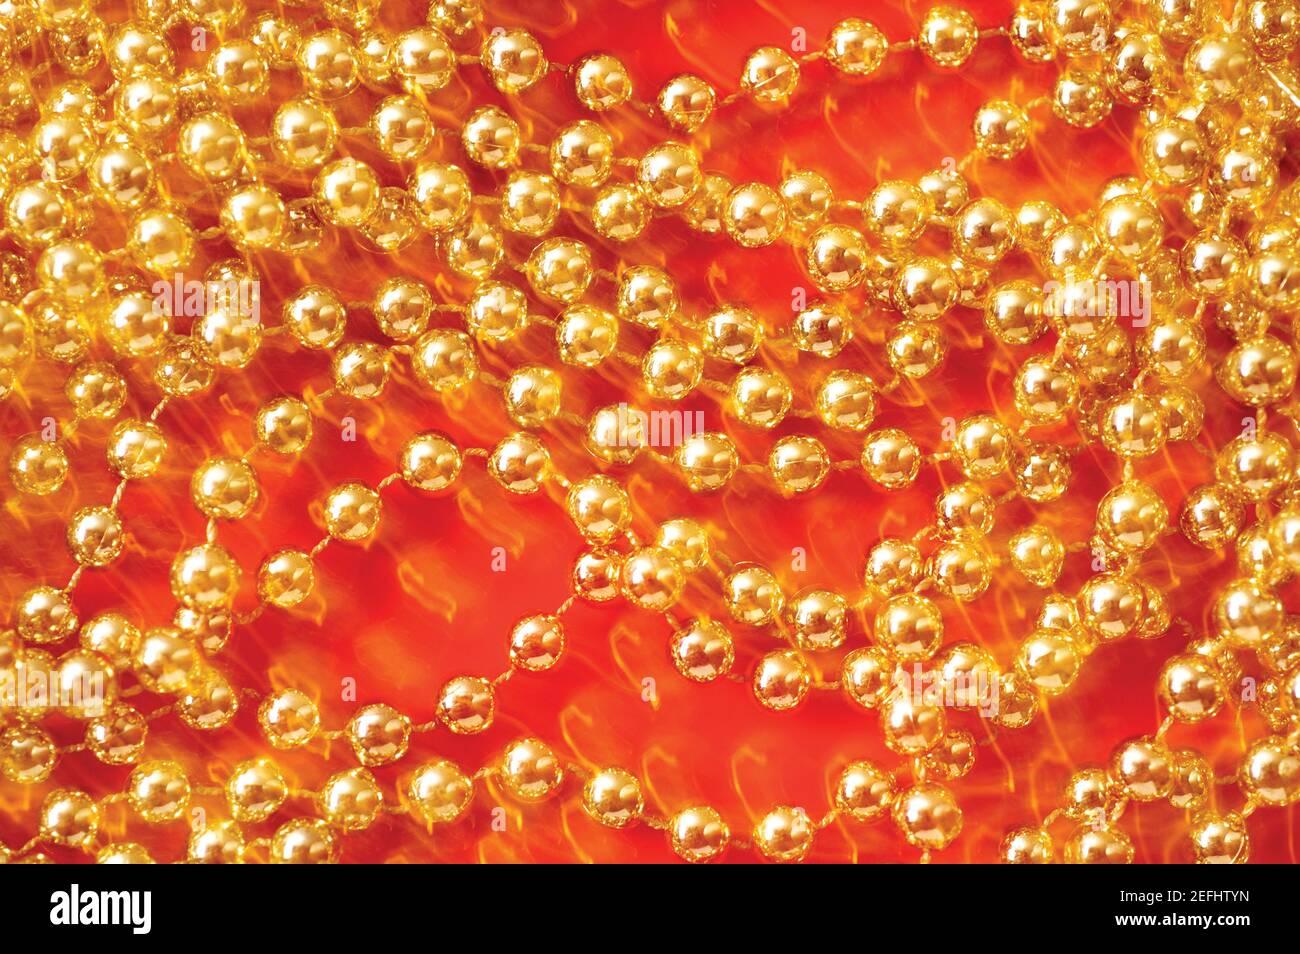 Primer plano de cuentas de oro Foto de stock